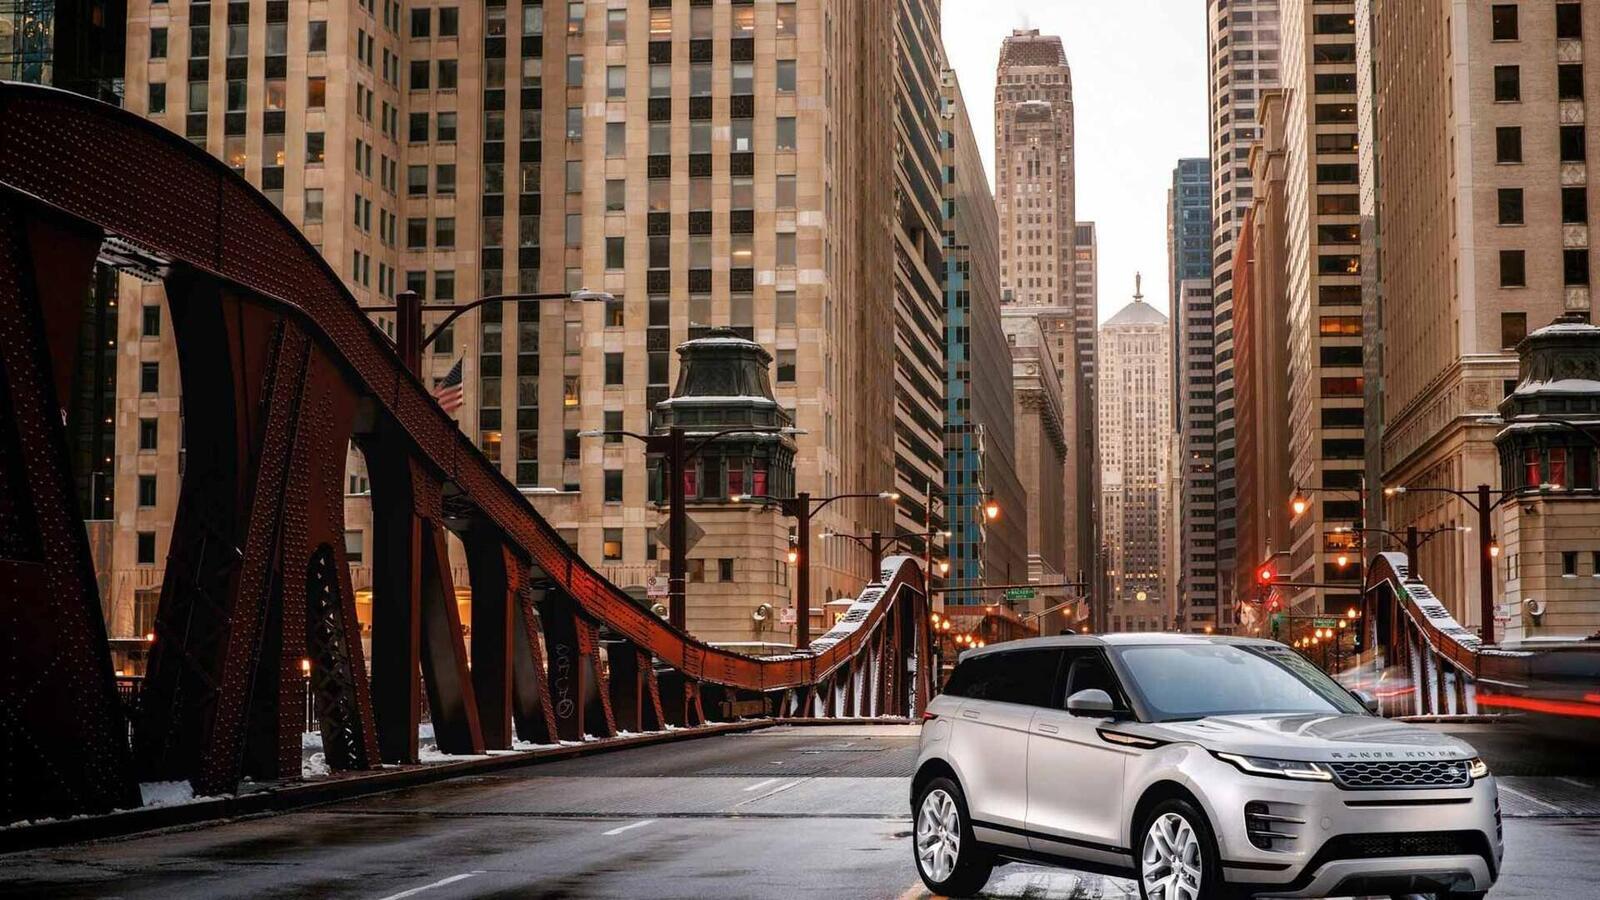 Range Rover Evoque mới tại Mỹ có giá từ 43.645 USD, đắt hơn Audi Q5 và Mercedes GLC - Hình 23